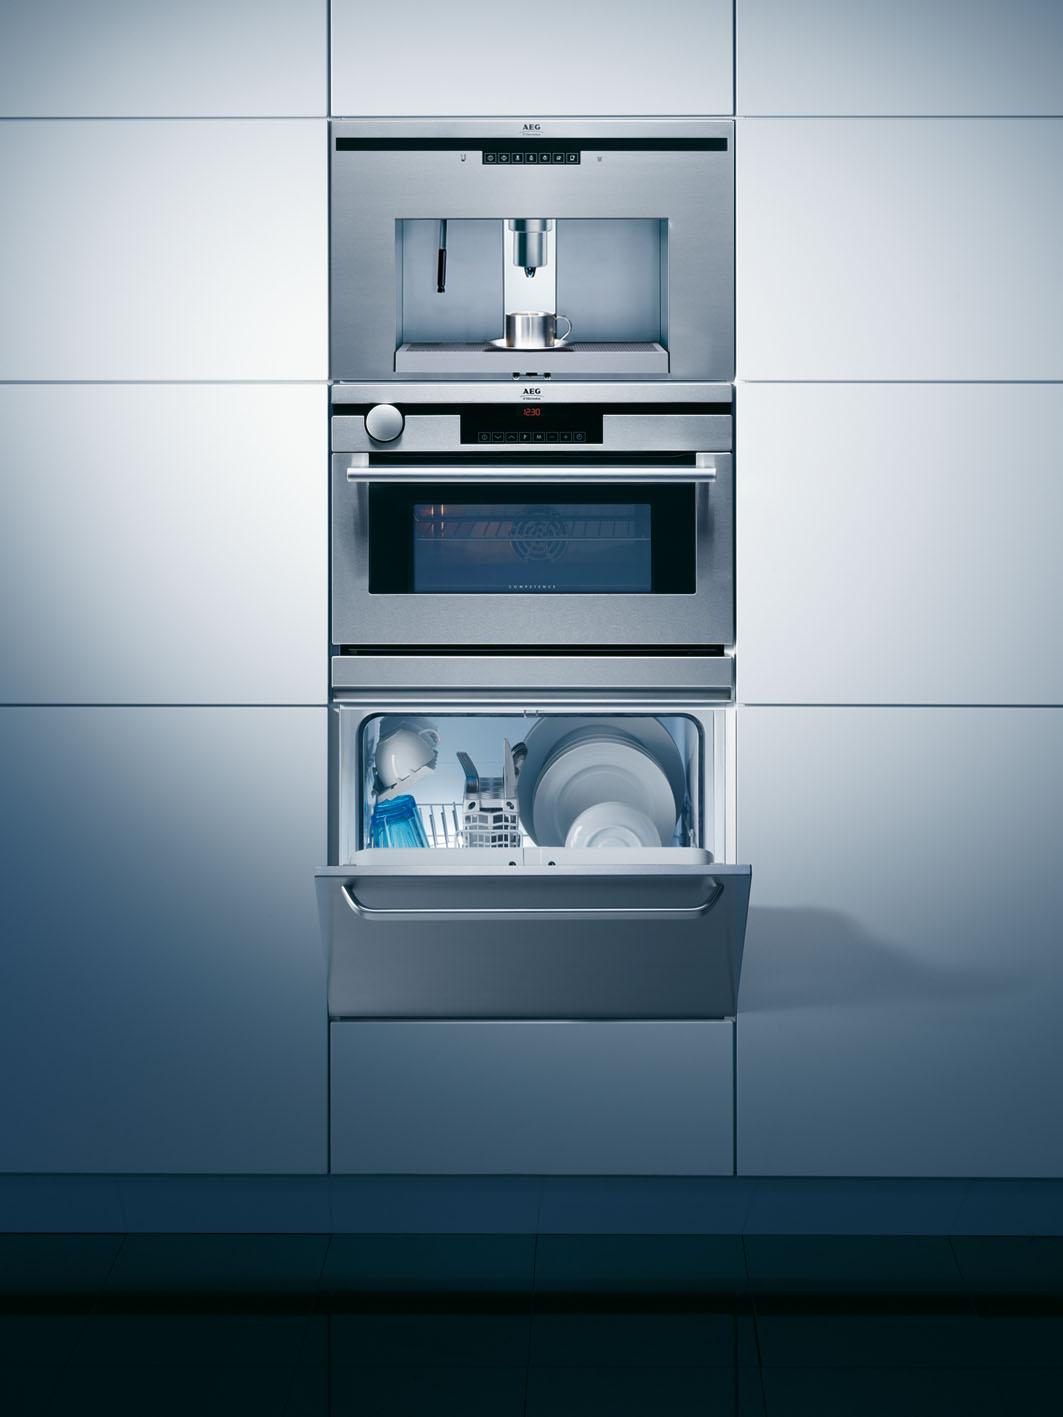 5 ideas para reformar la cocina - Ideas para reformar la cocina ...